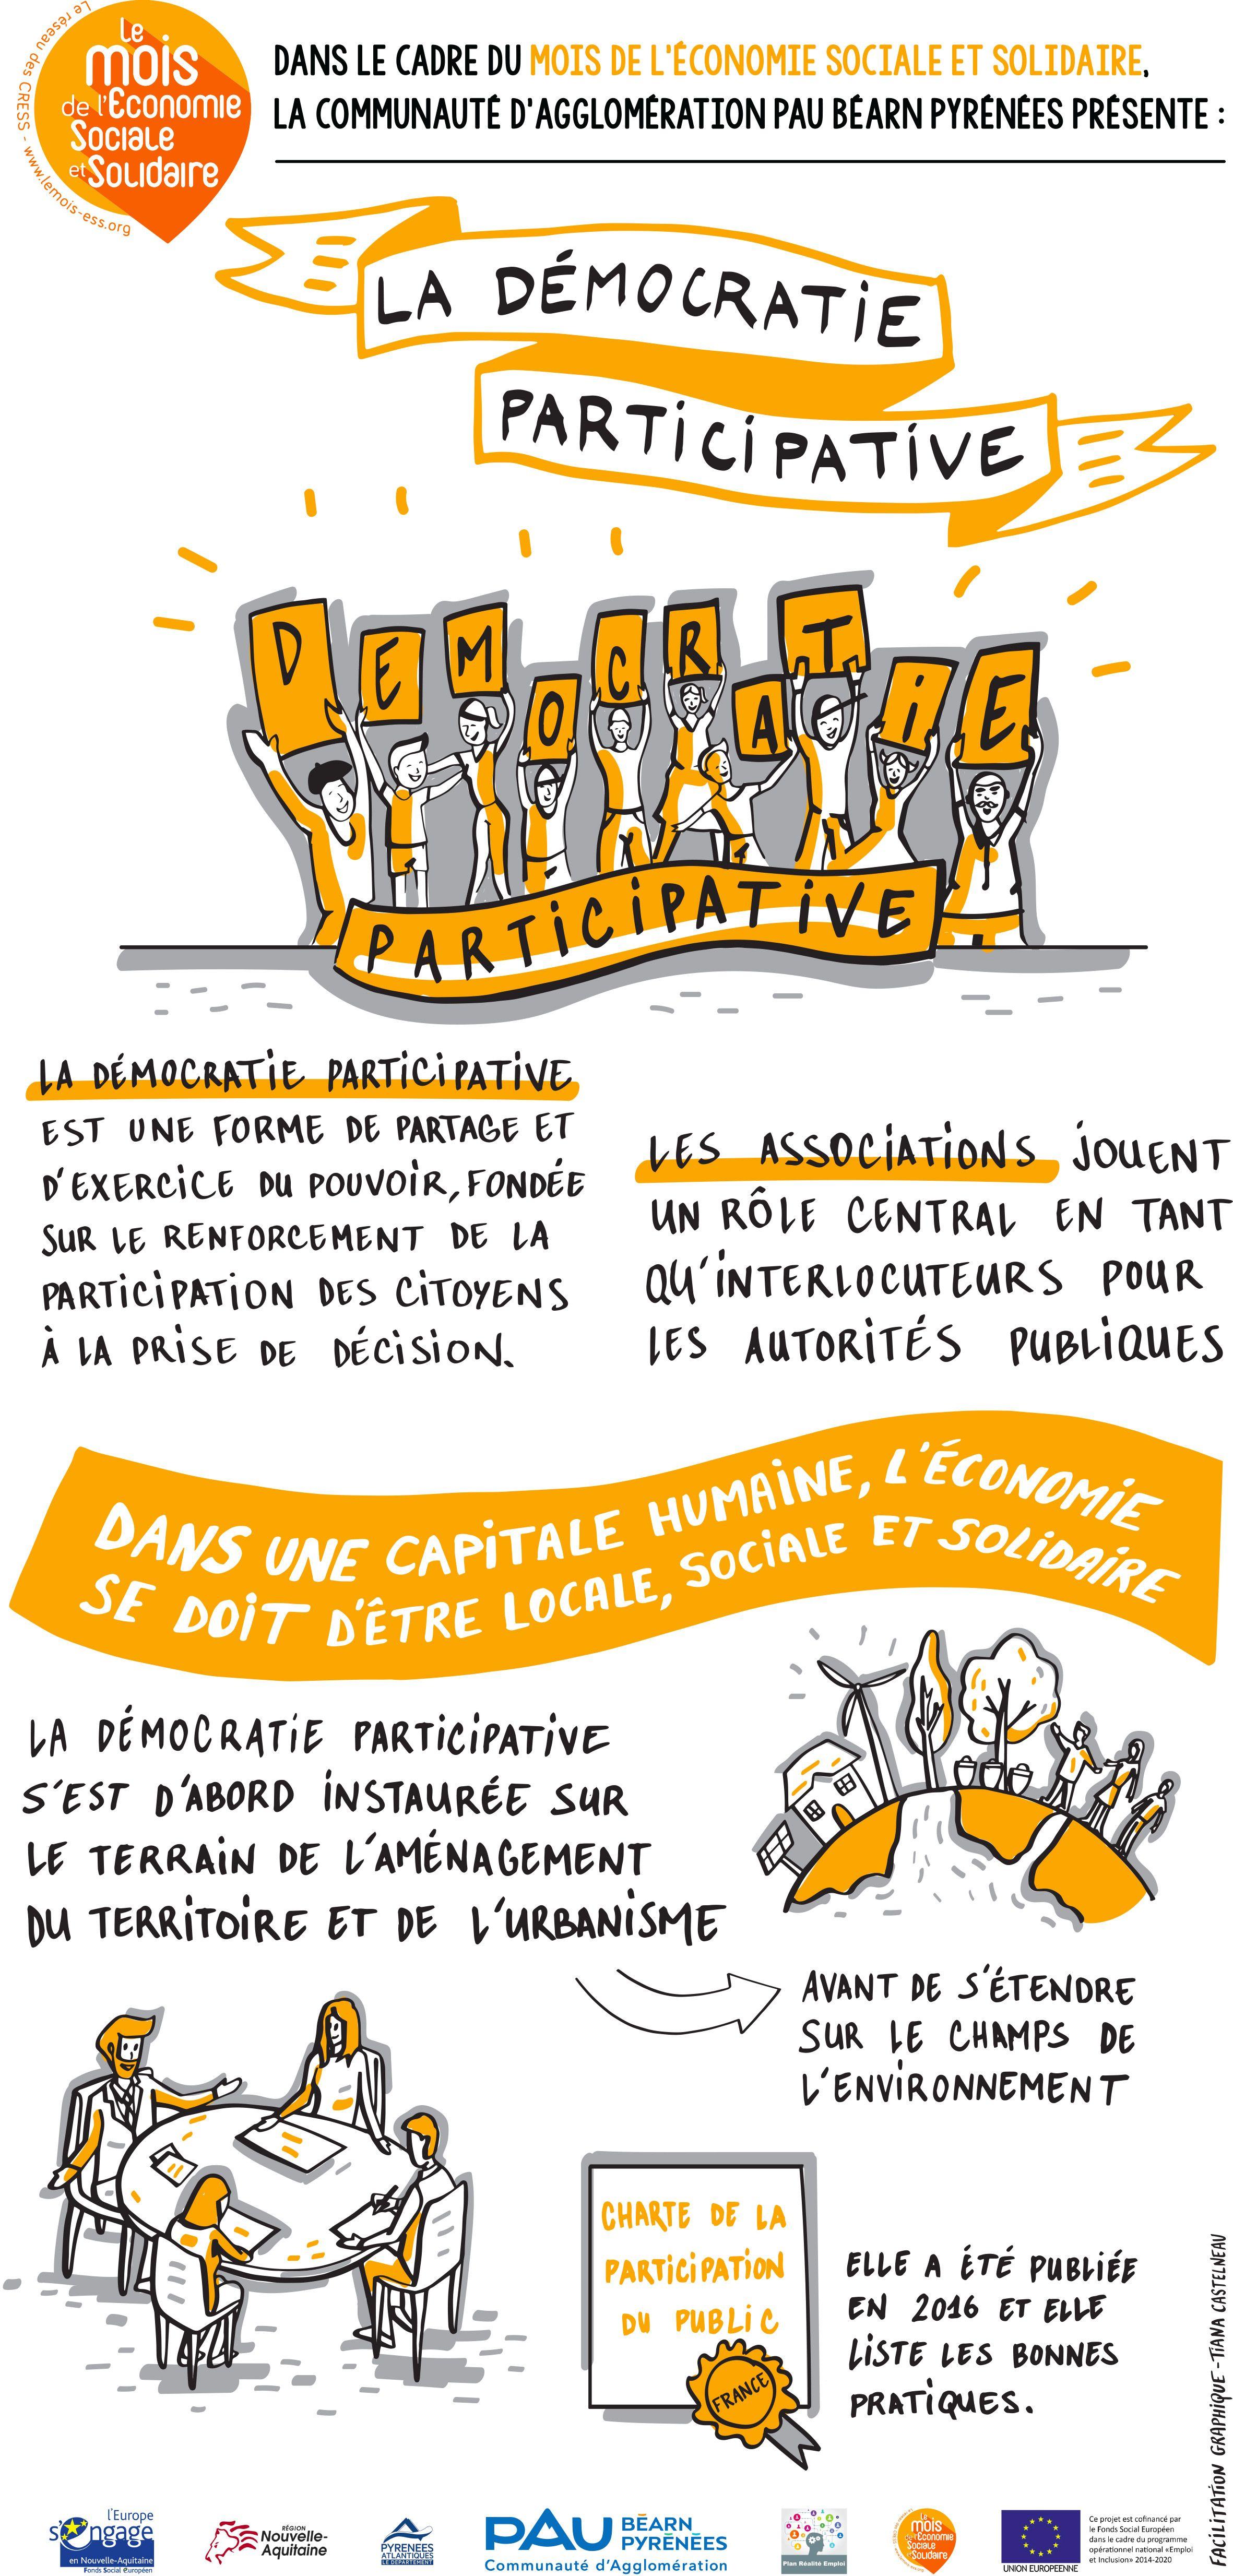 La Democratie Participative Facilitation Graphique Management Visuel Democratie